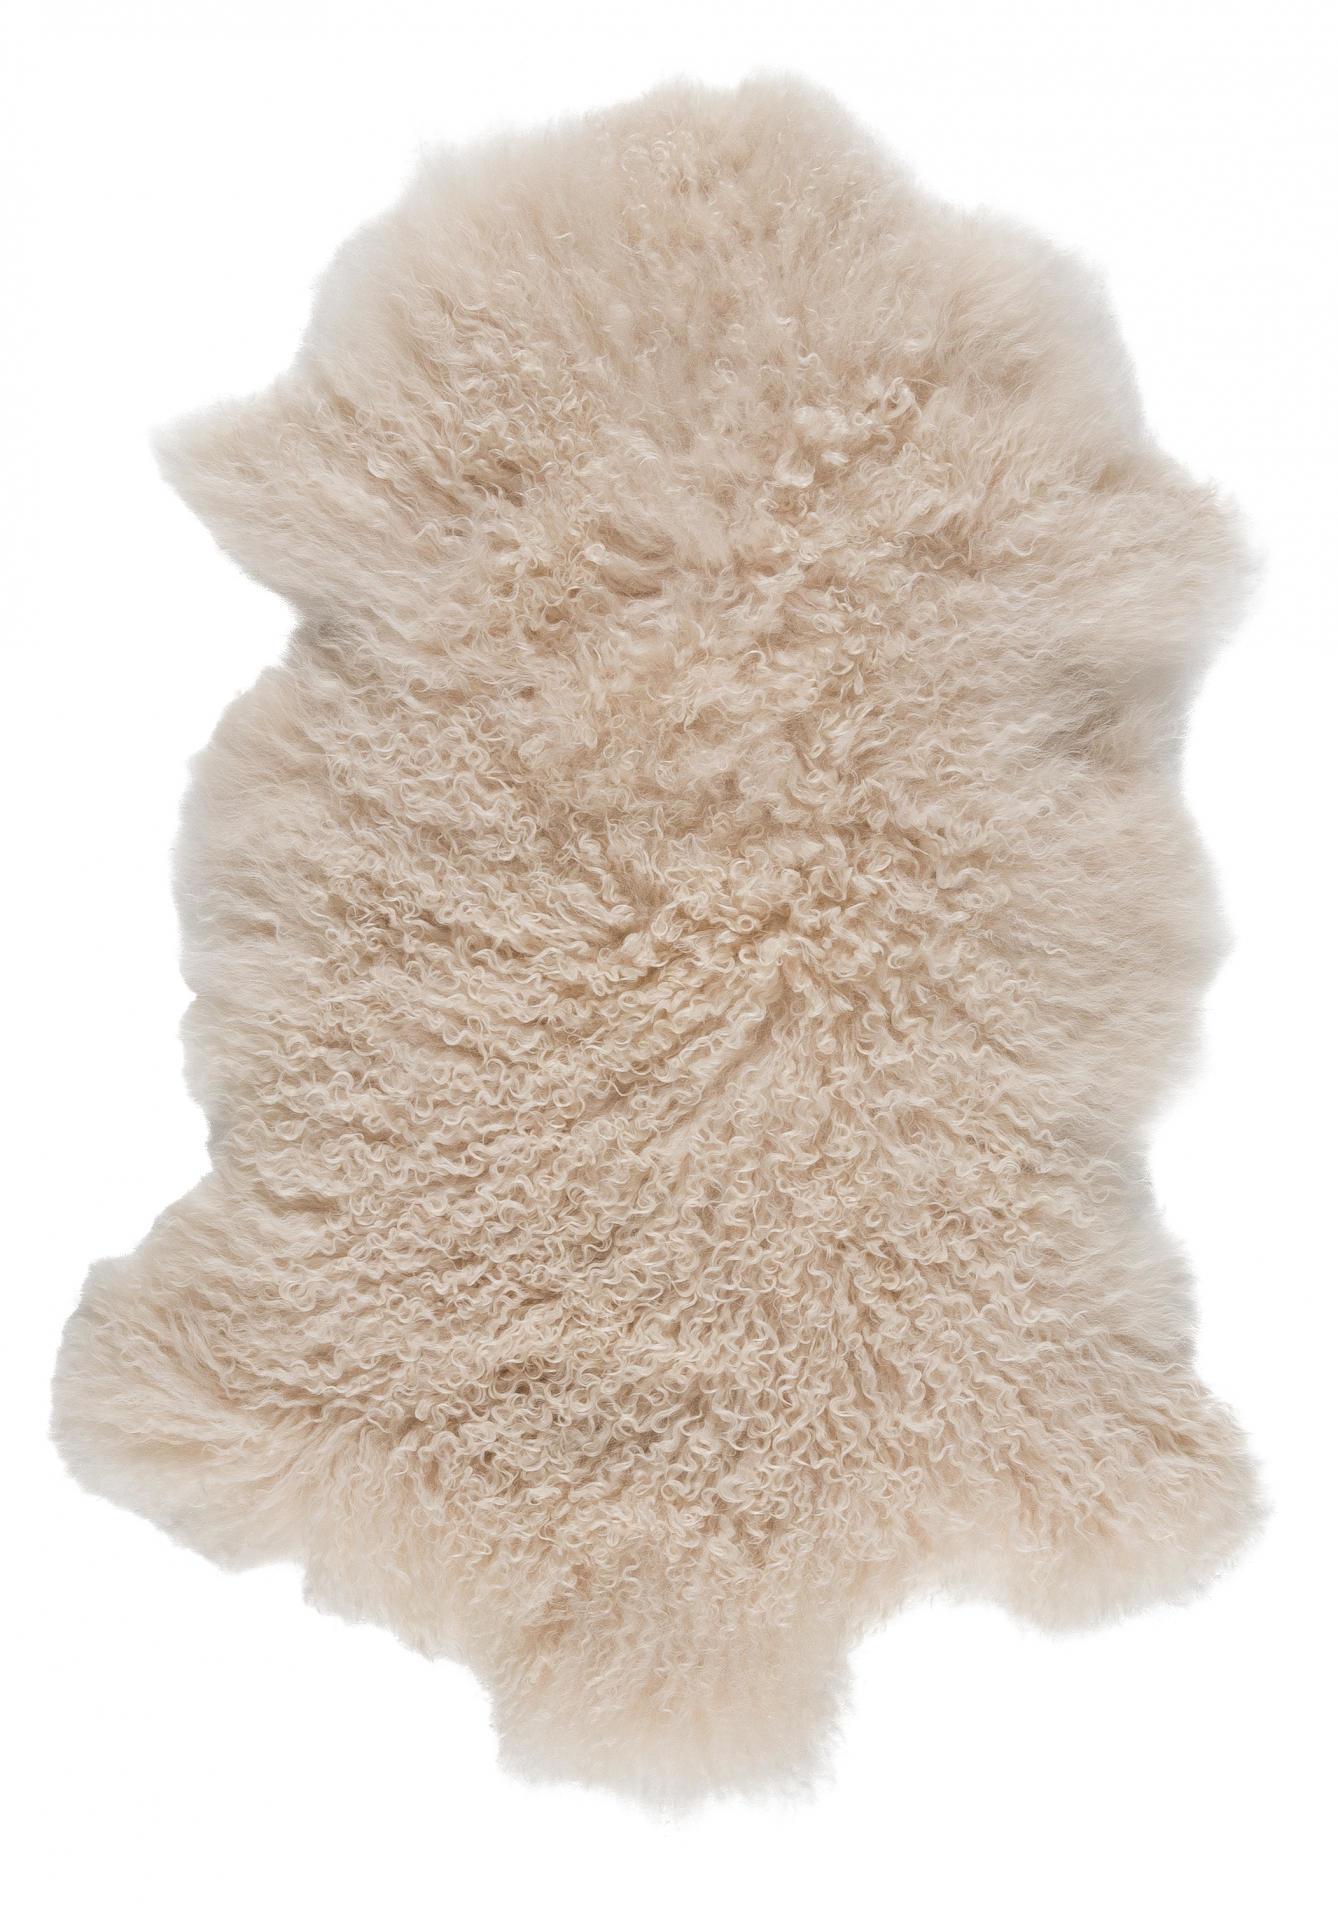 IB LAURSEN Tibetská ovčí kožešina Cream, krémová barva, kožešina Krémová